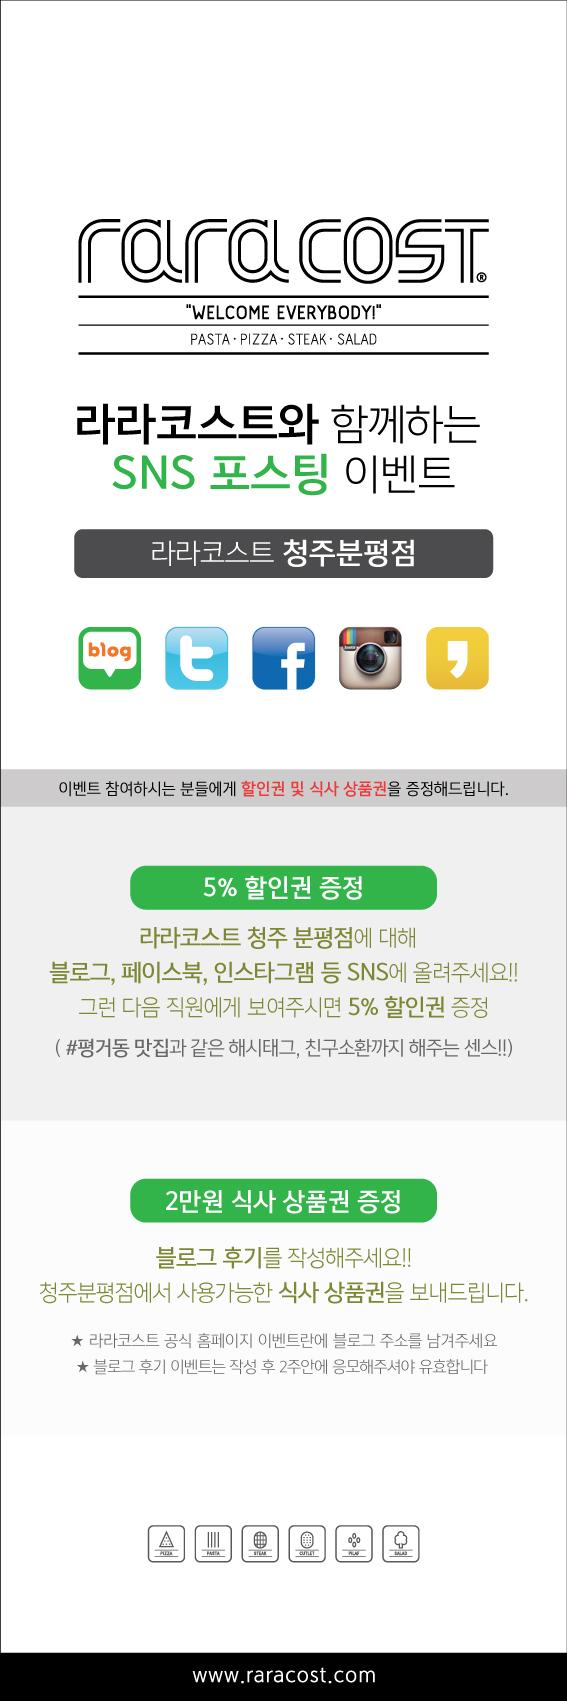 [상품권]-청주분평점-SNS-홍보물.jpg